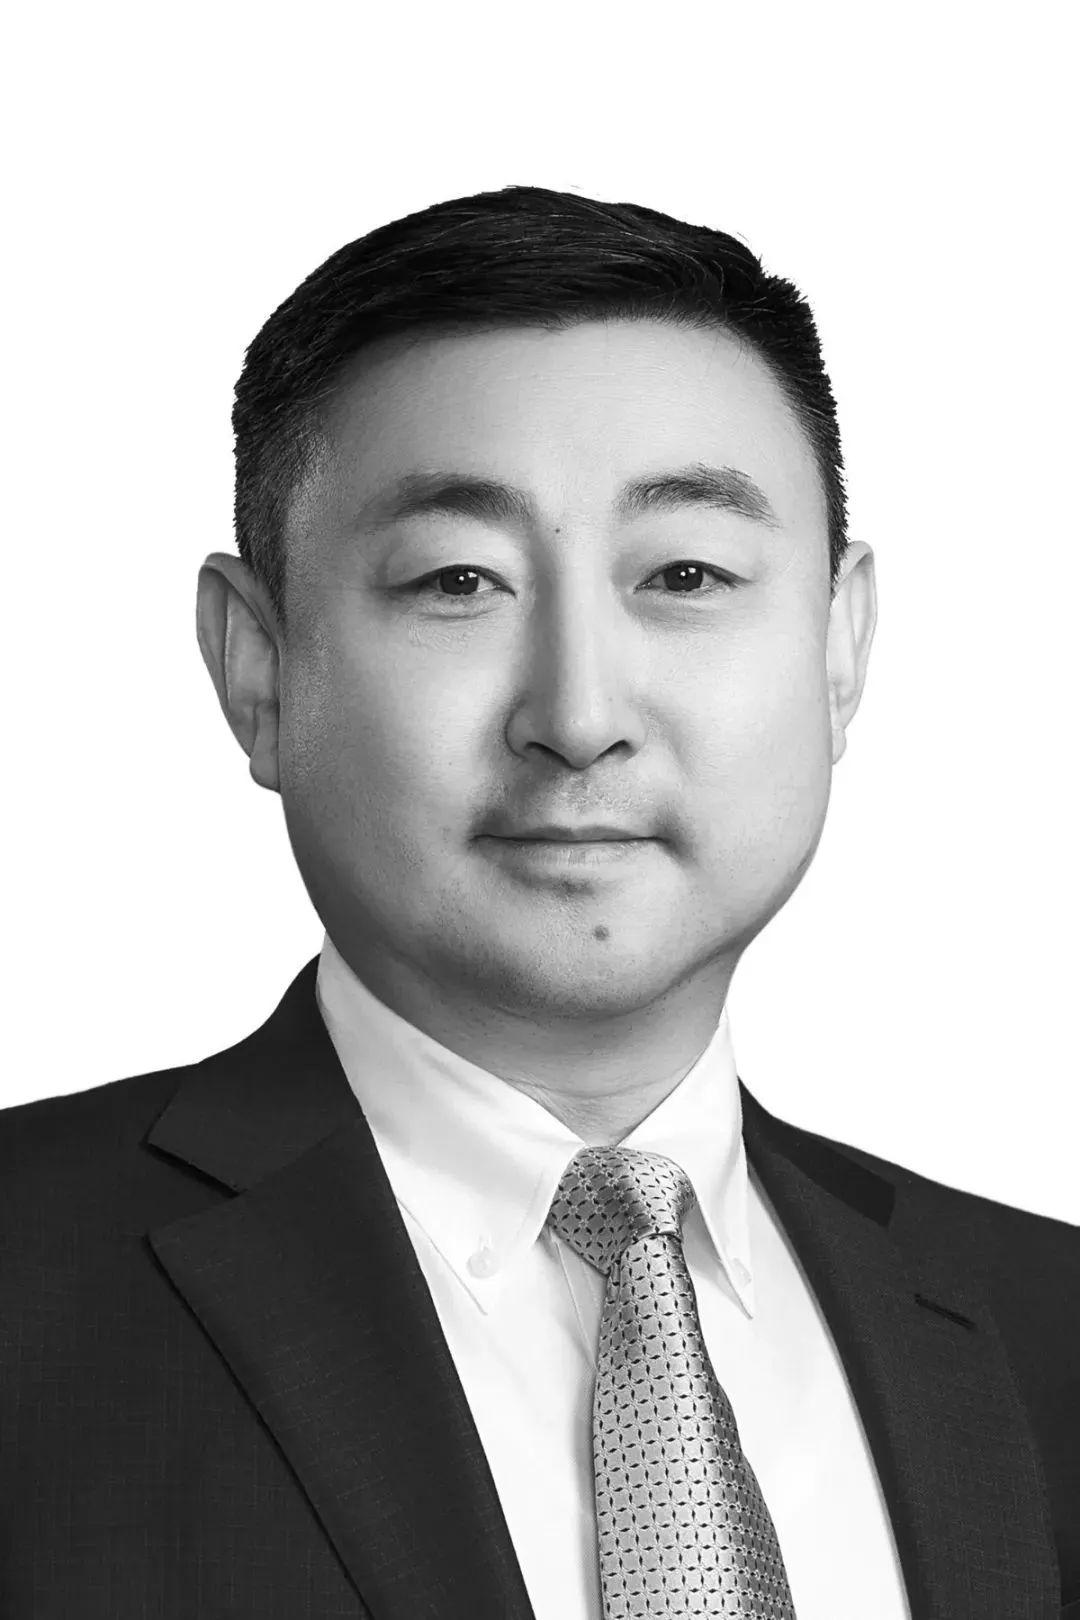 [摩天登录]副总裁黄巍死摩天登录亡原因值得很多图片